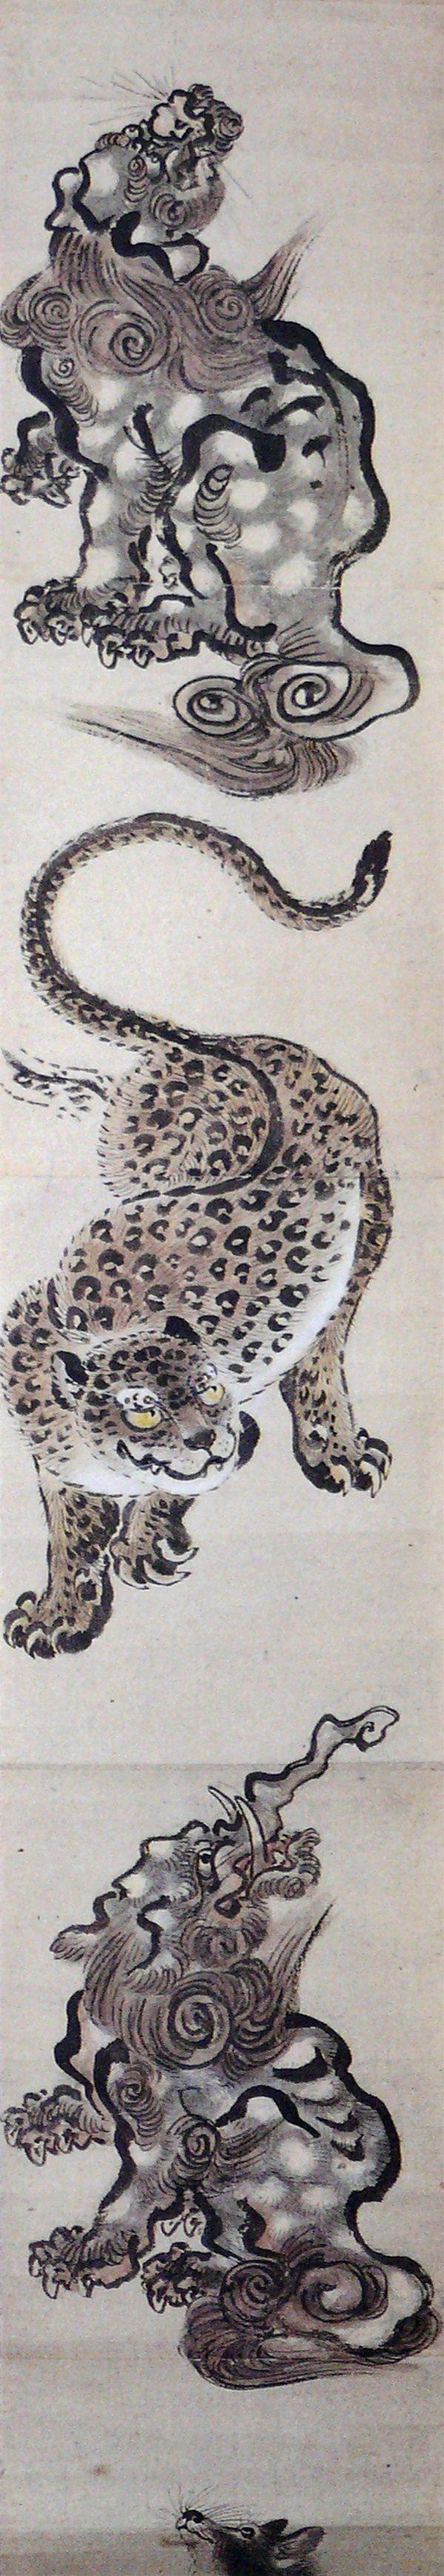 Kawanabe Kyosai 1878